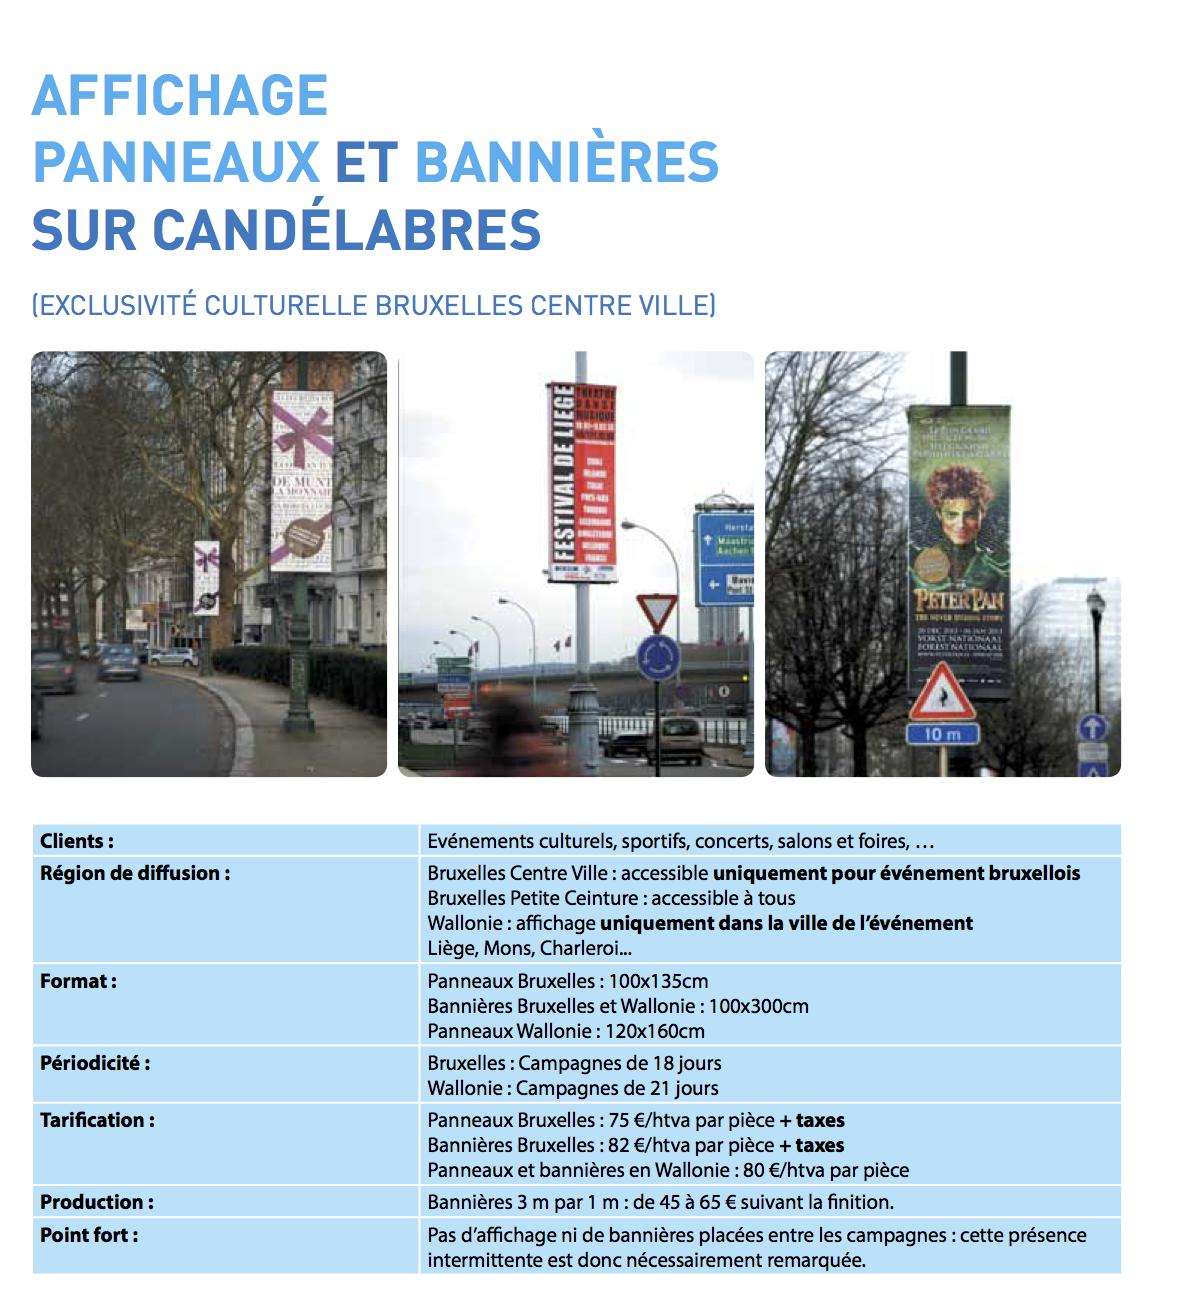 Panneaux et bannières sur candélabres - P30.png